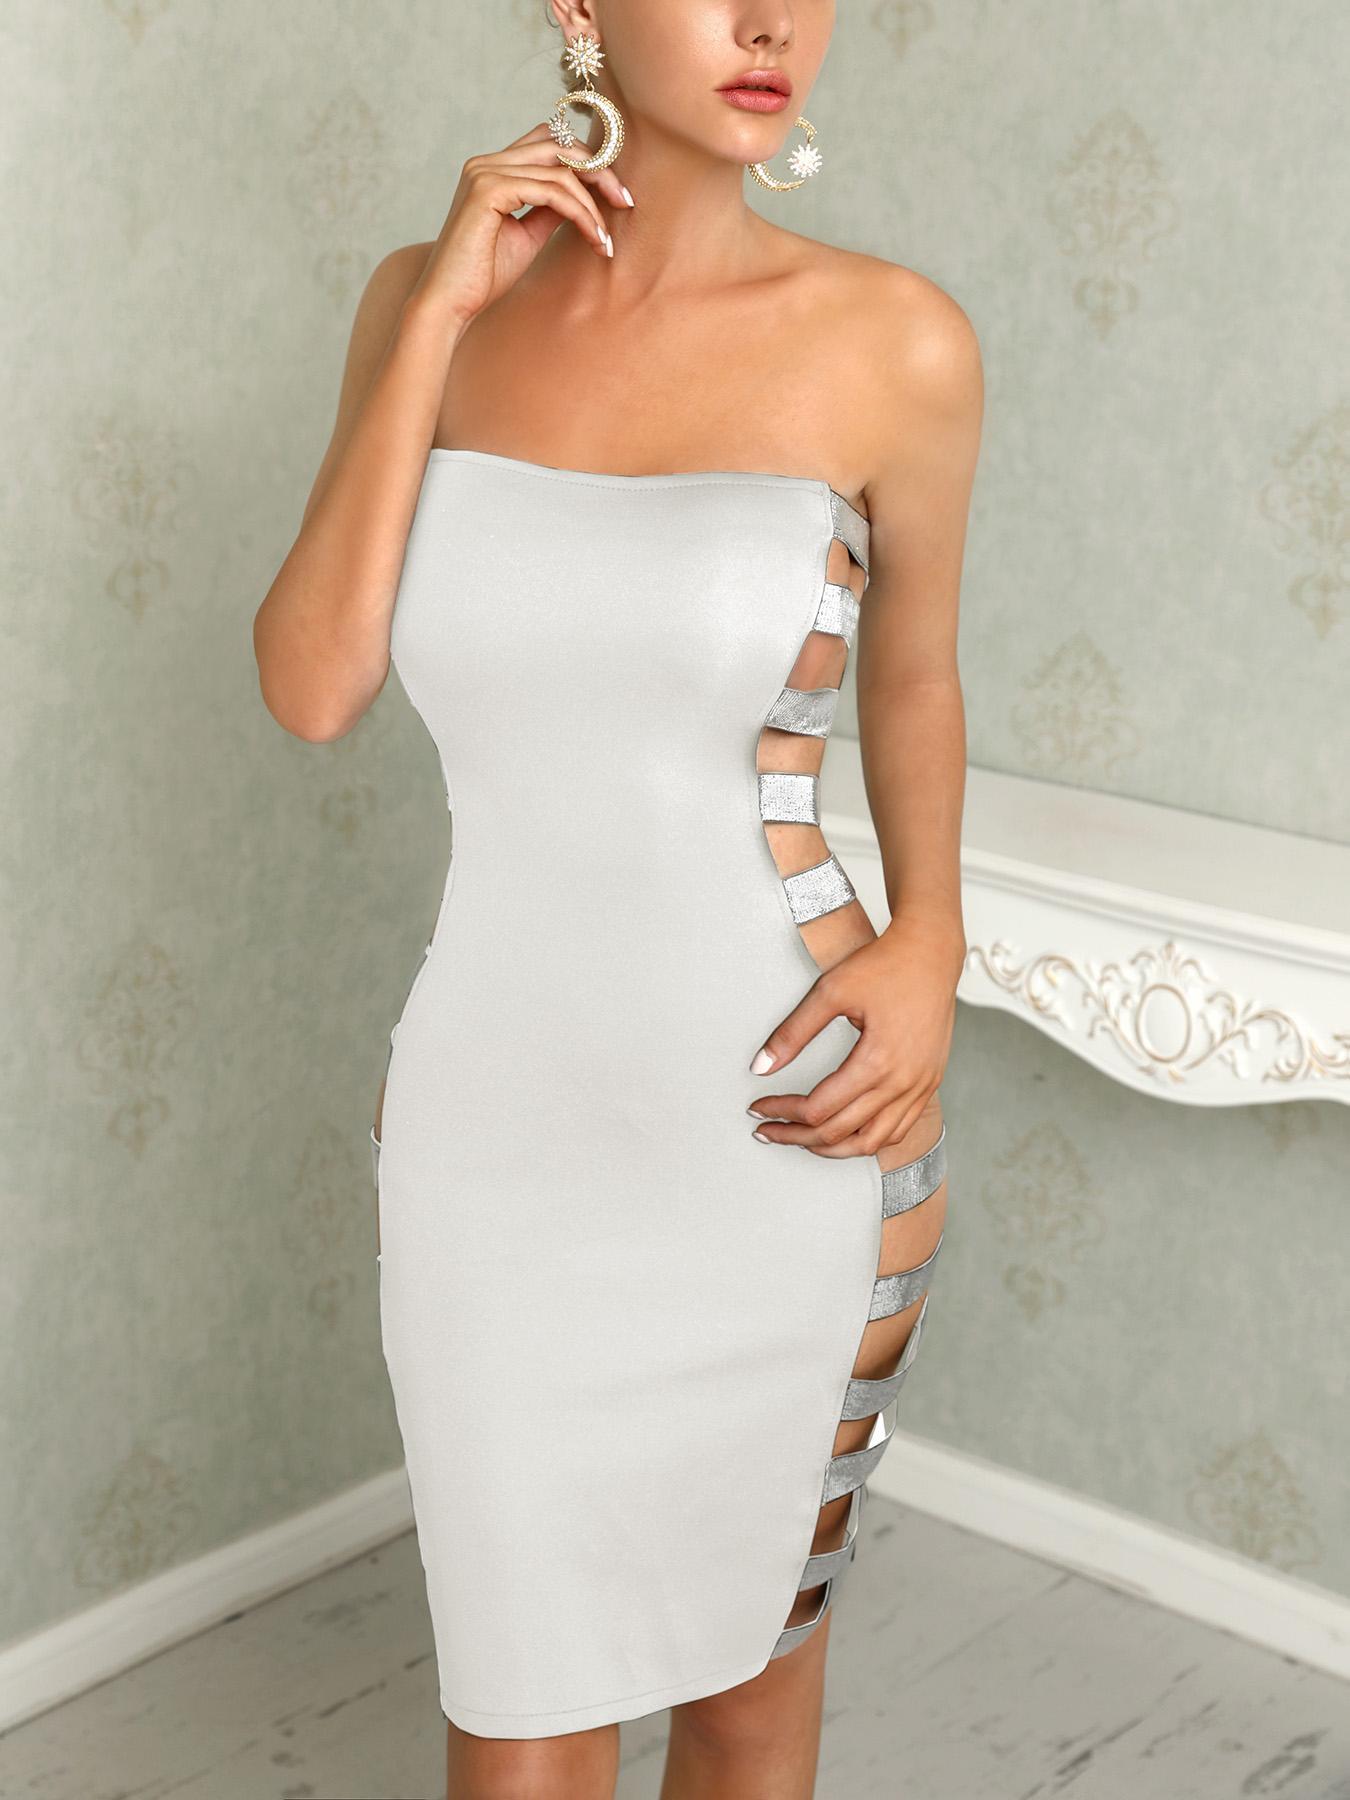 ivrose / Mini vestido sin mangas con abertura en lentejuelas